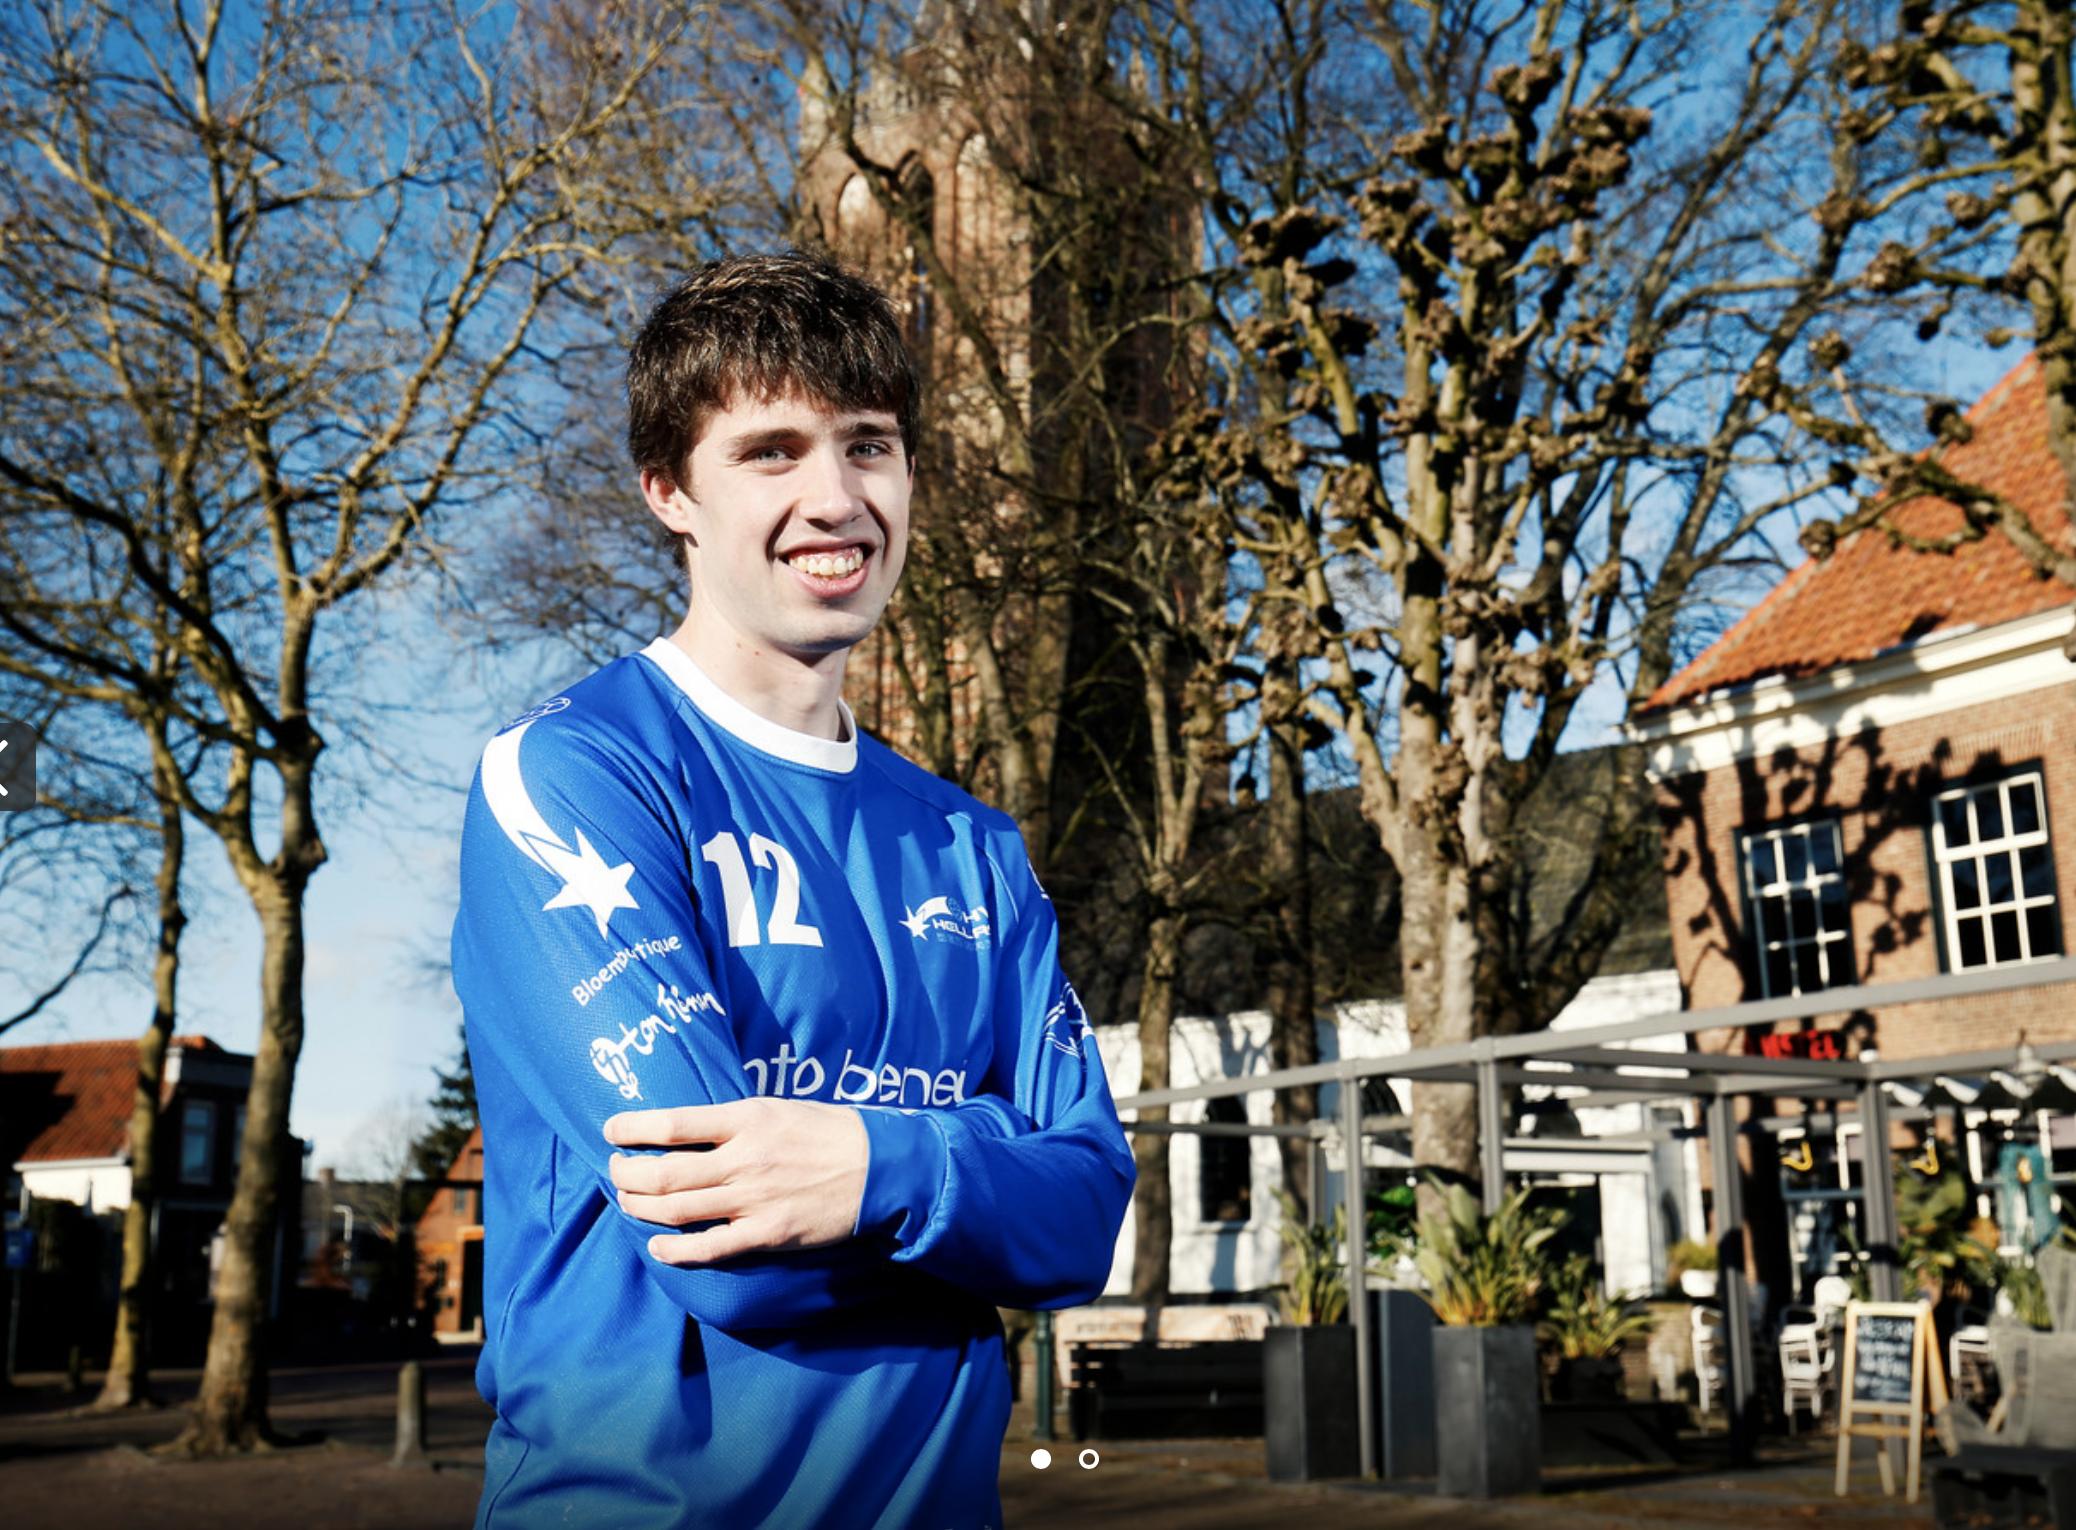 Hellas-handballer Caspar heeft autisme: 'Zware tijd, want ik mis regelmaat doordat handbal wegviel'